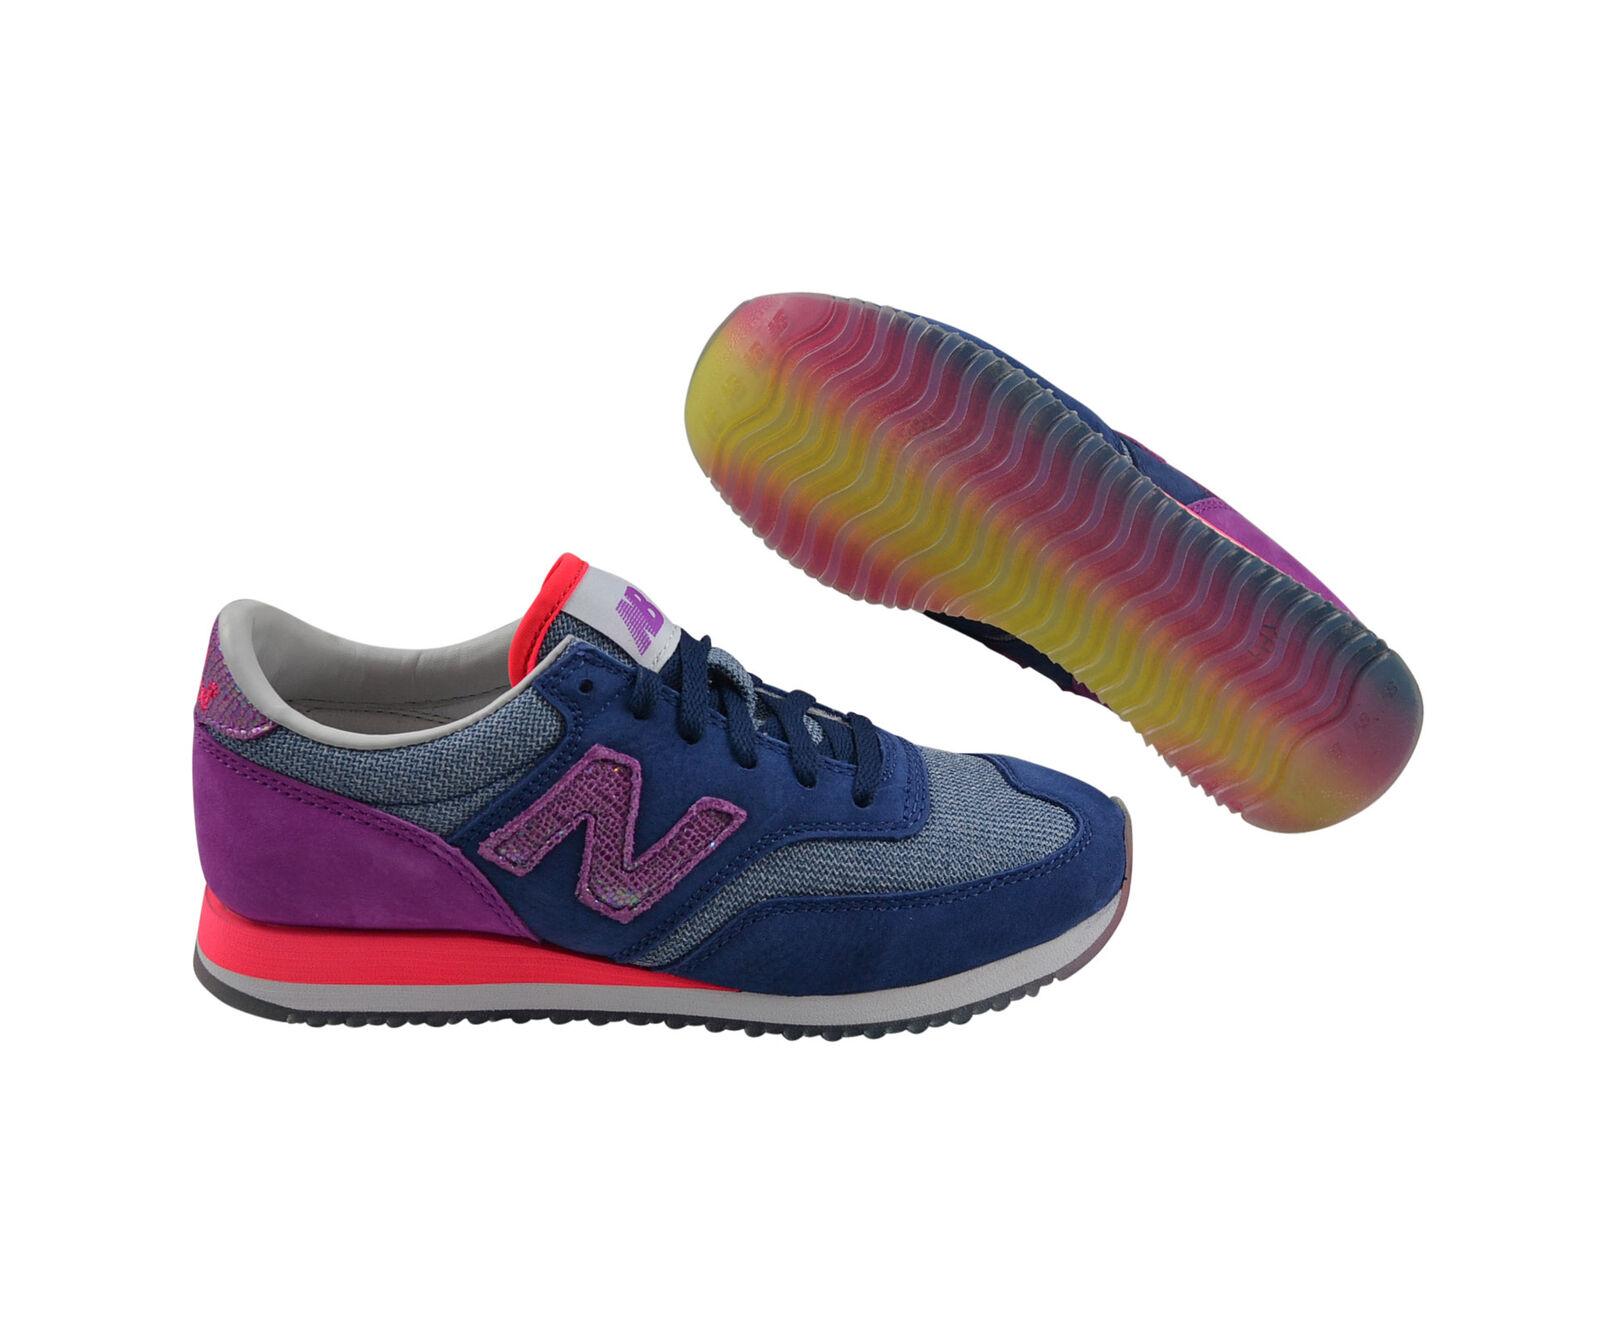 New balance balance balance cw620bgn azul rosado zapatos cortos tamaños selección  garantía de crédito